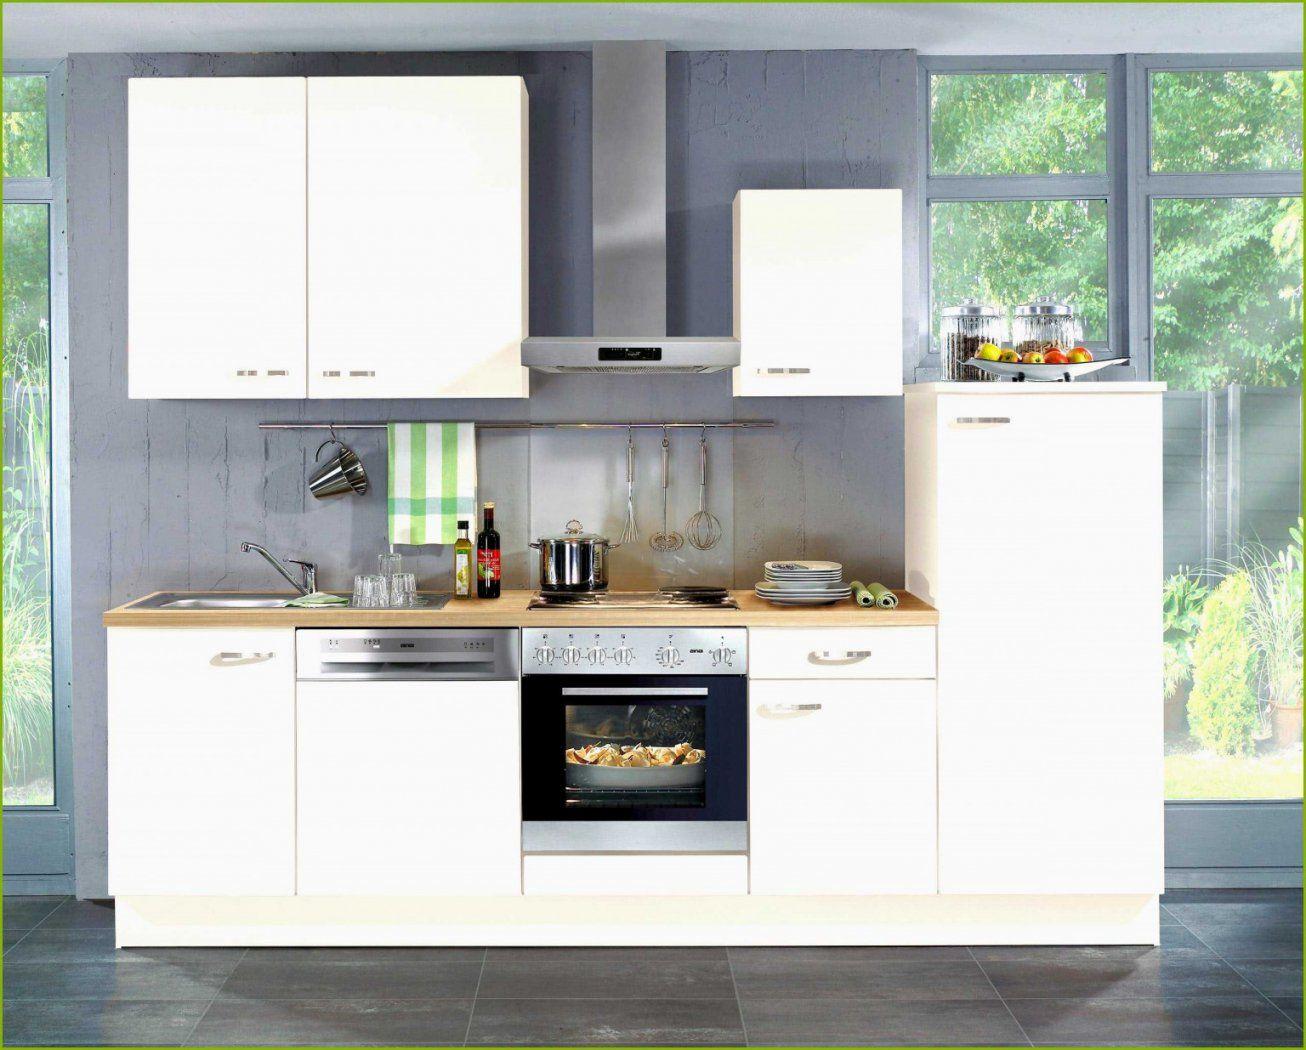 Moderne Küche Schöner Wohnen Und 20 Neu Sammlung Über Küchen Beste von Moderne Küchen Schöner Wohnen Photo